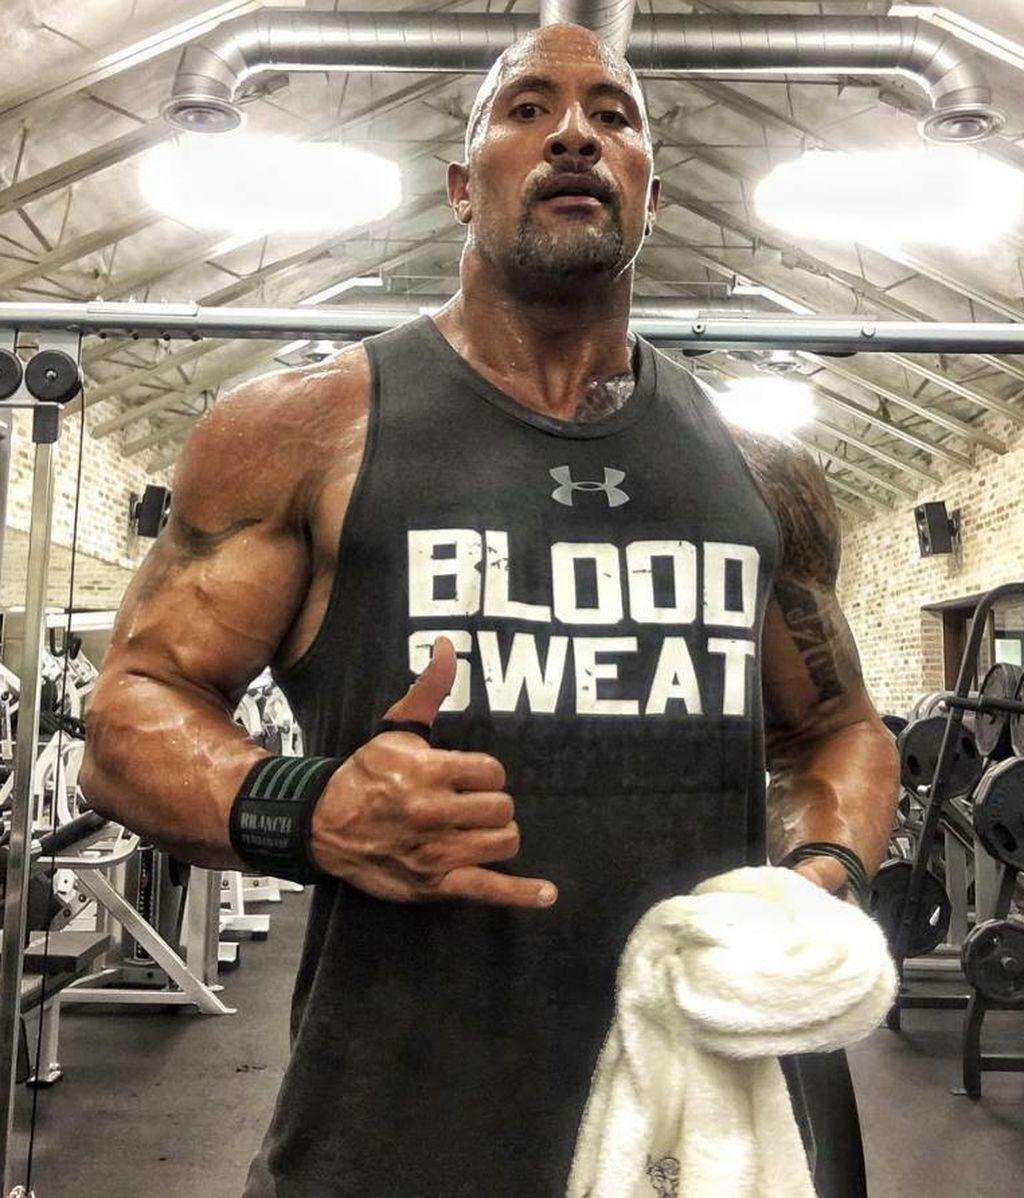 Un hombre de 37 años come y entrena como 'La Roca' durante 30 días, ¿cuál fue el resultado?